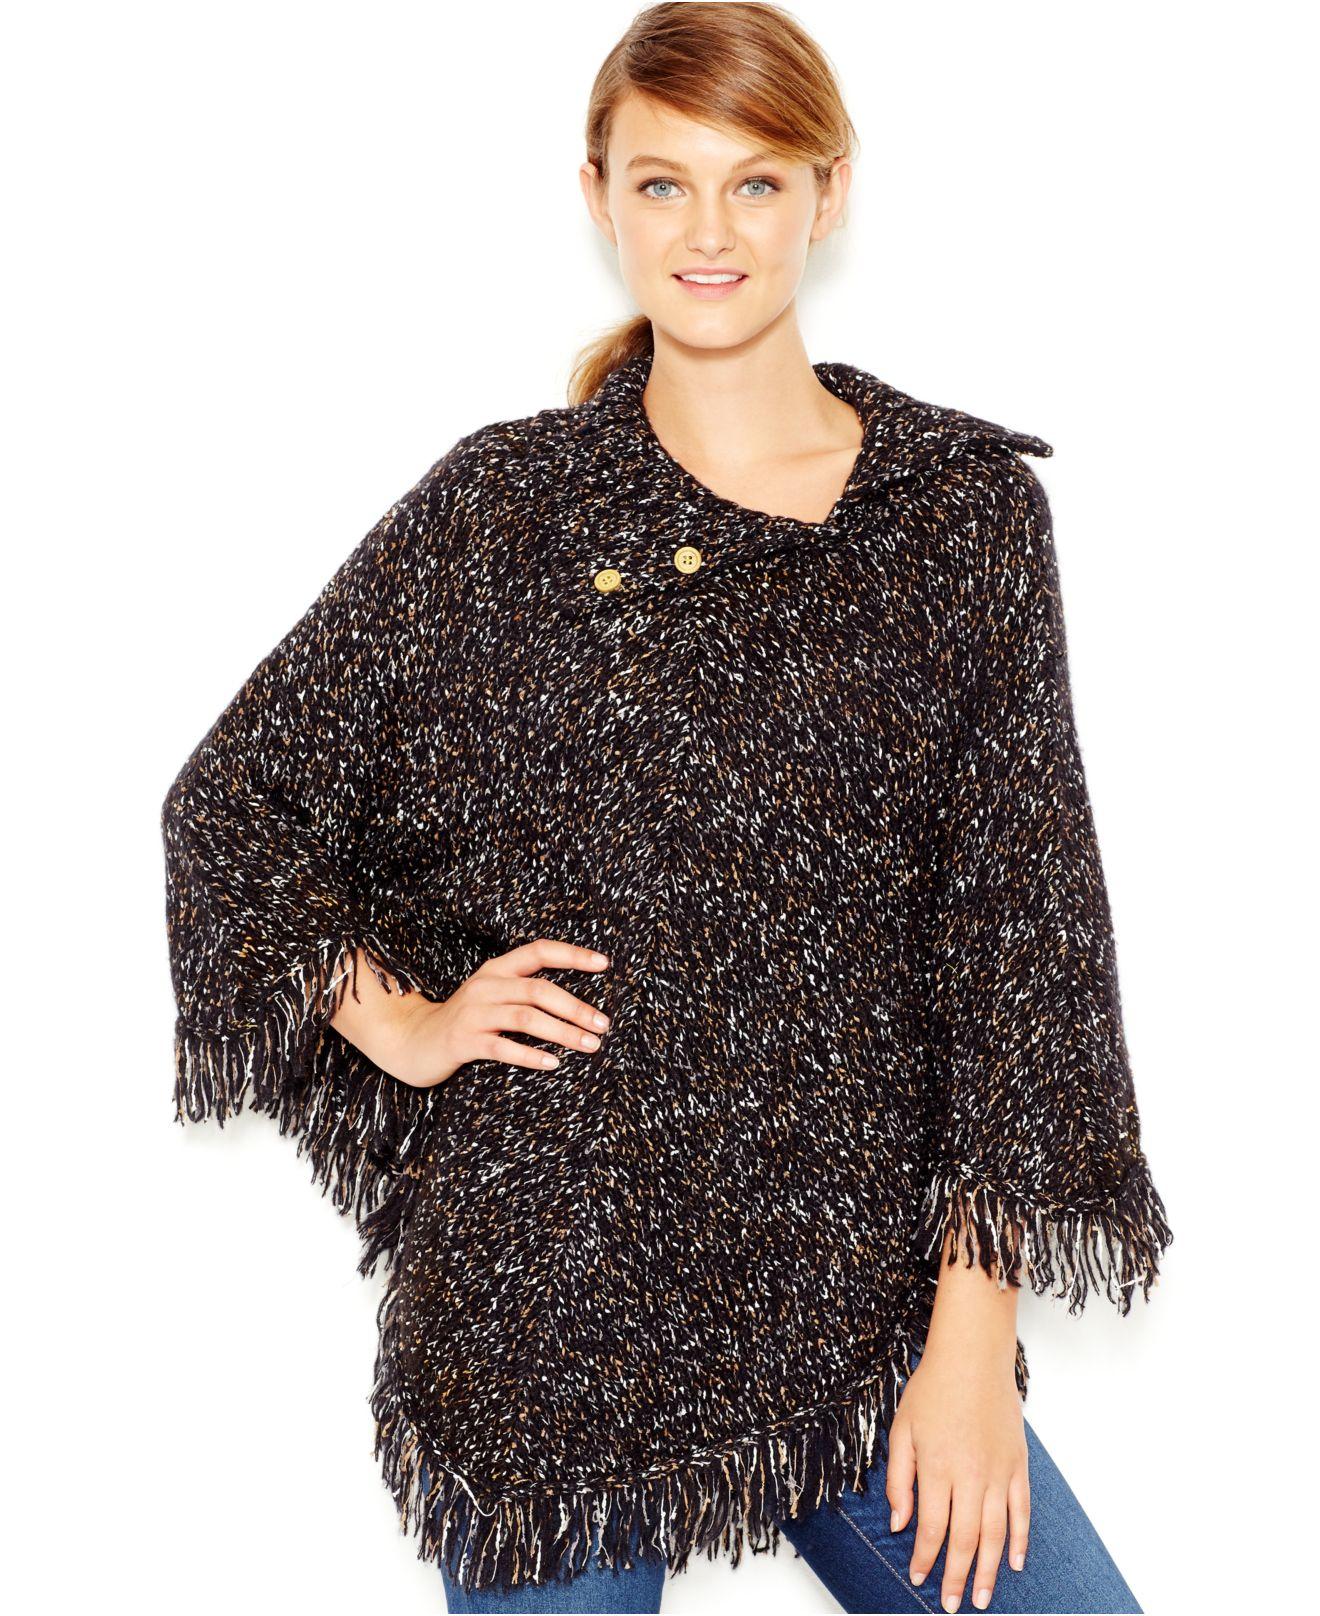 d4c23ffb9 Kensie Fringe-detail Sweater Poncho in Black - Lyst